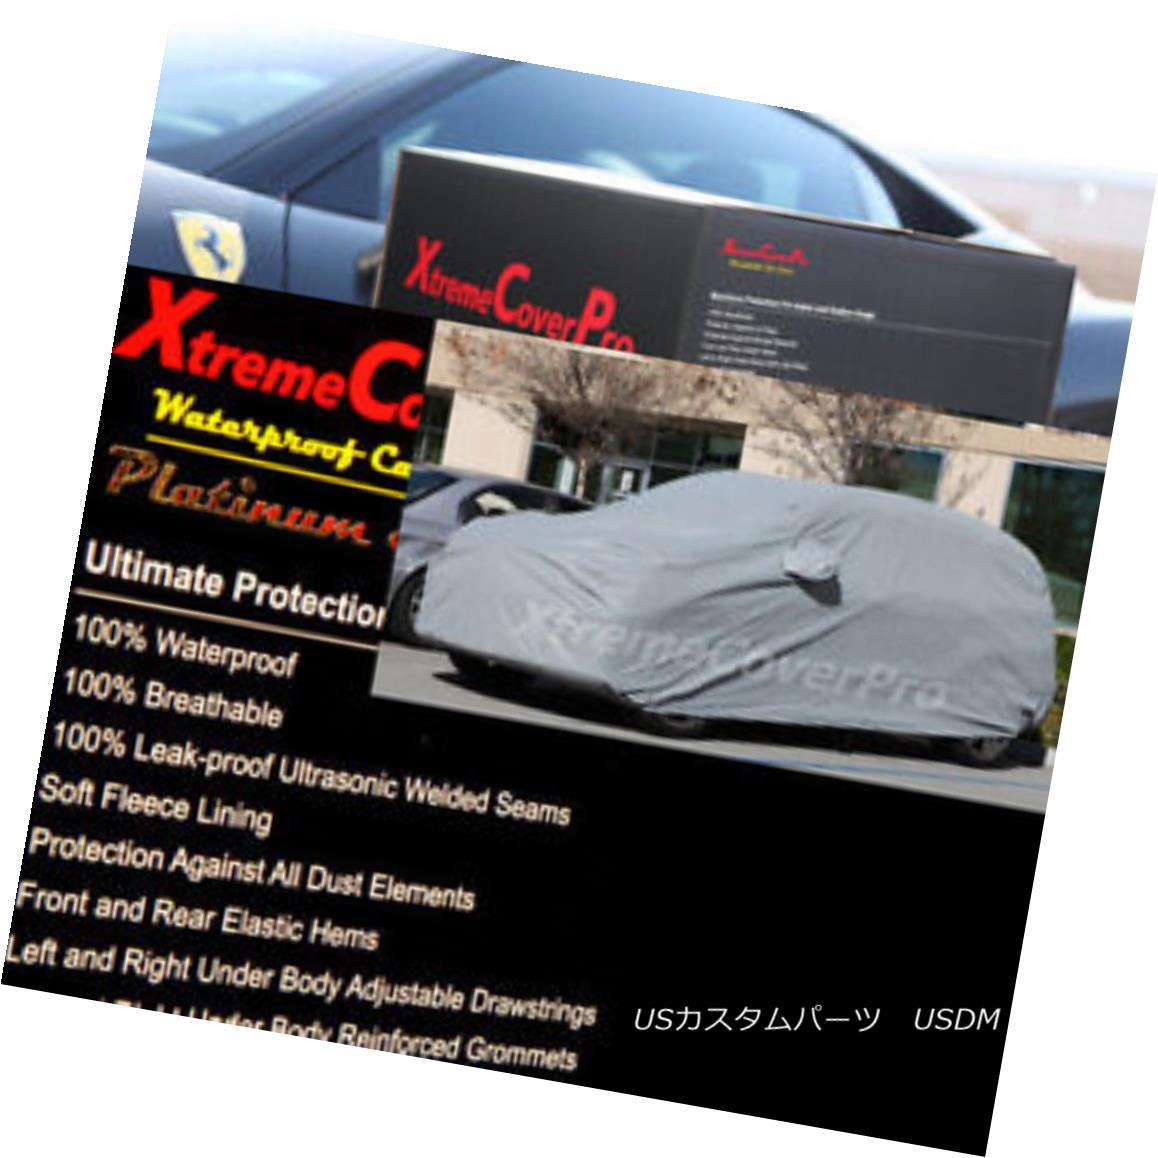 カーカバー WATERPROOF CAR COVER W/MIRROR POCKET for 2014 2013 2012 2011 HYUNDAI SANTA FE 2014年2013年2012年の防水カーカバーWIR / MIRROR POCKET HYUNDAI SANTA FE